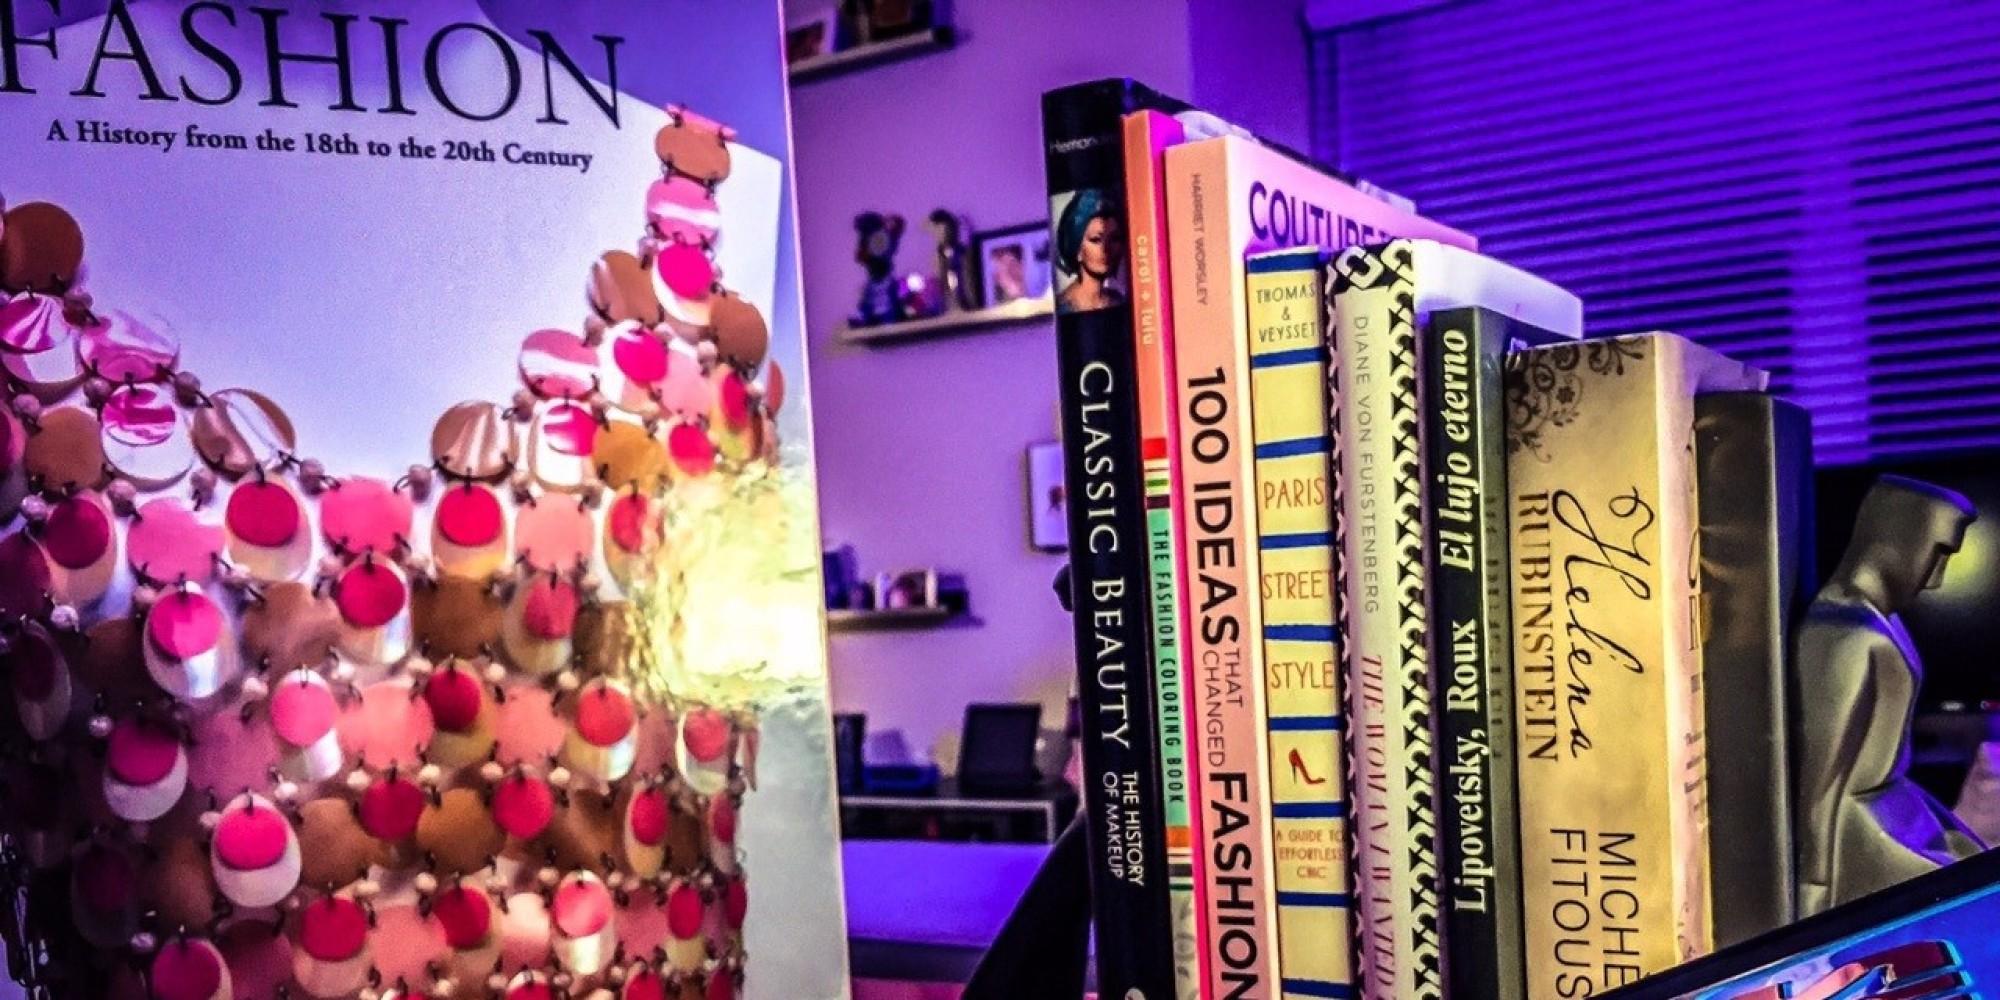 Los 10 libros de moda y estilo que necesitas leer   HuffPost